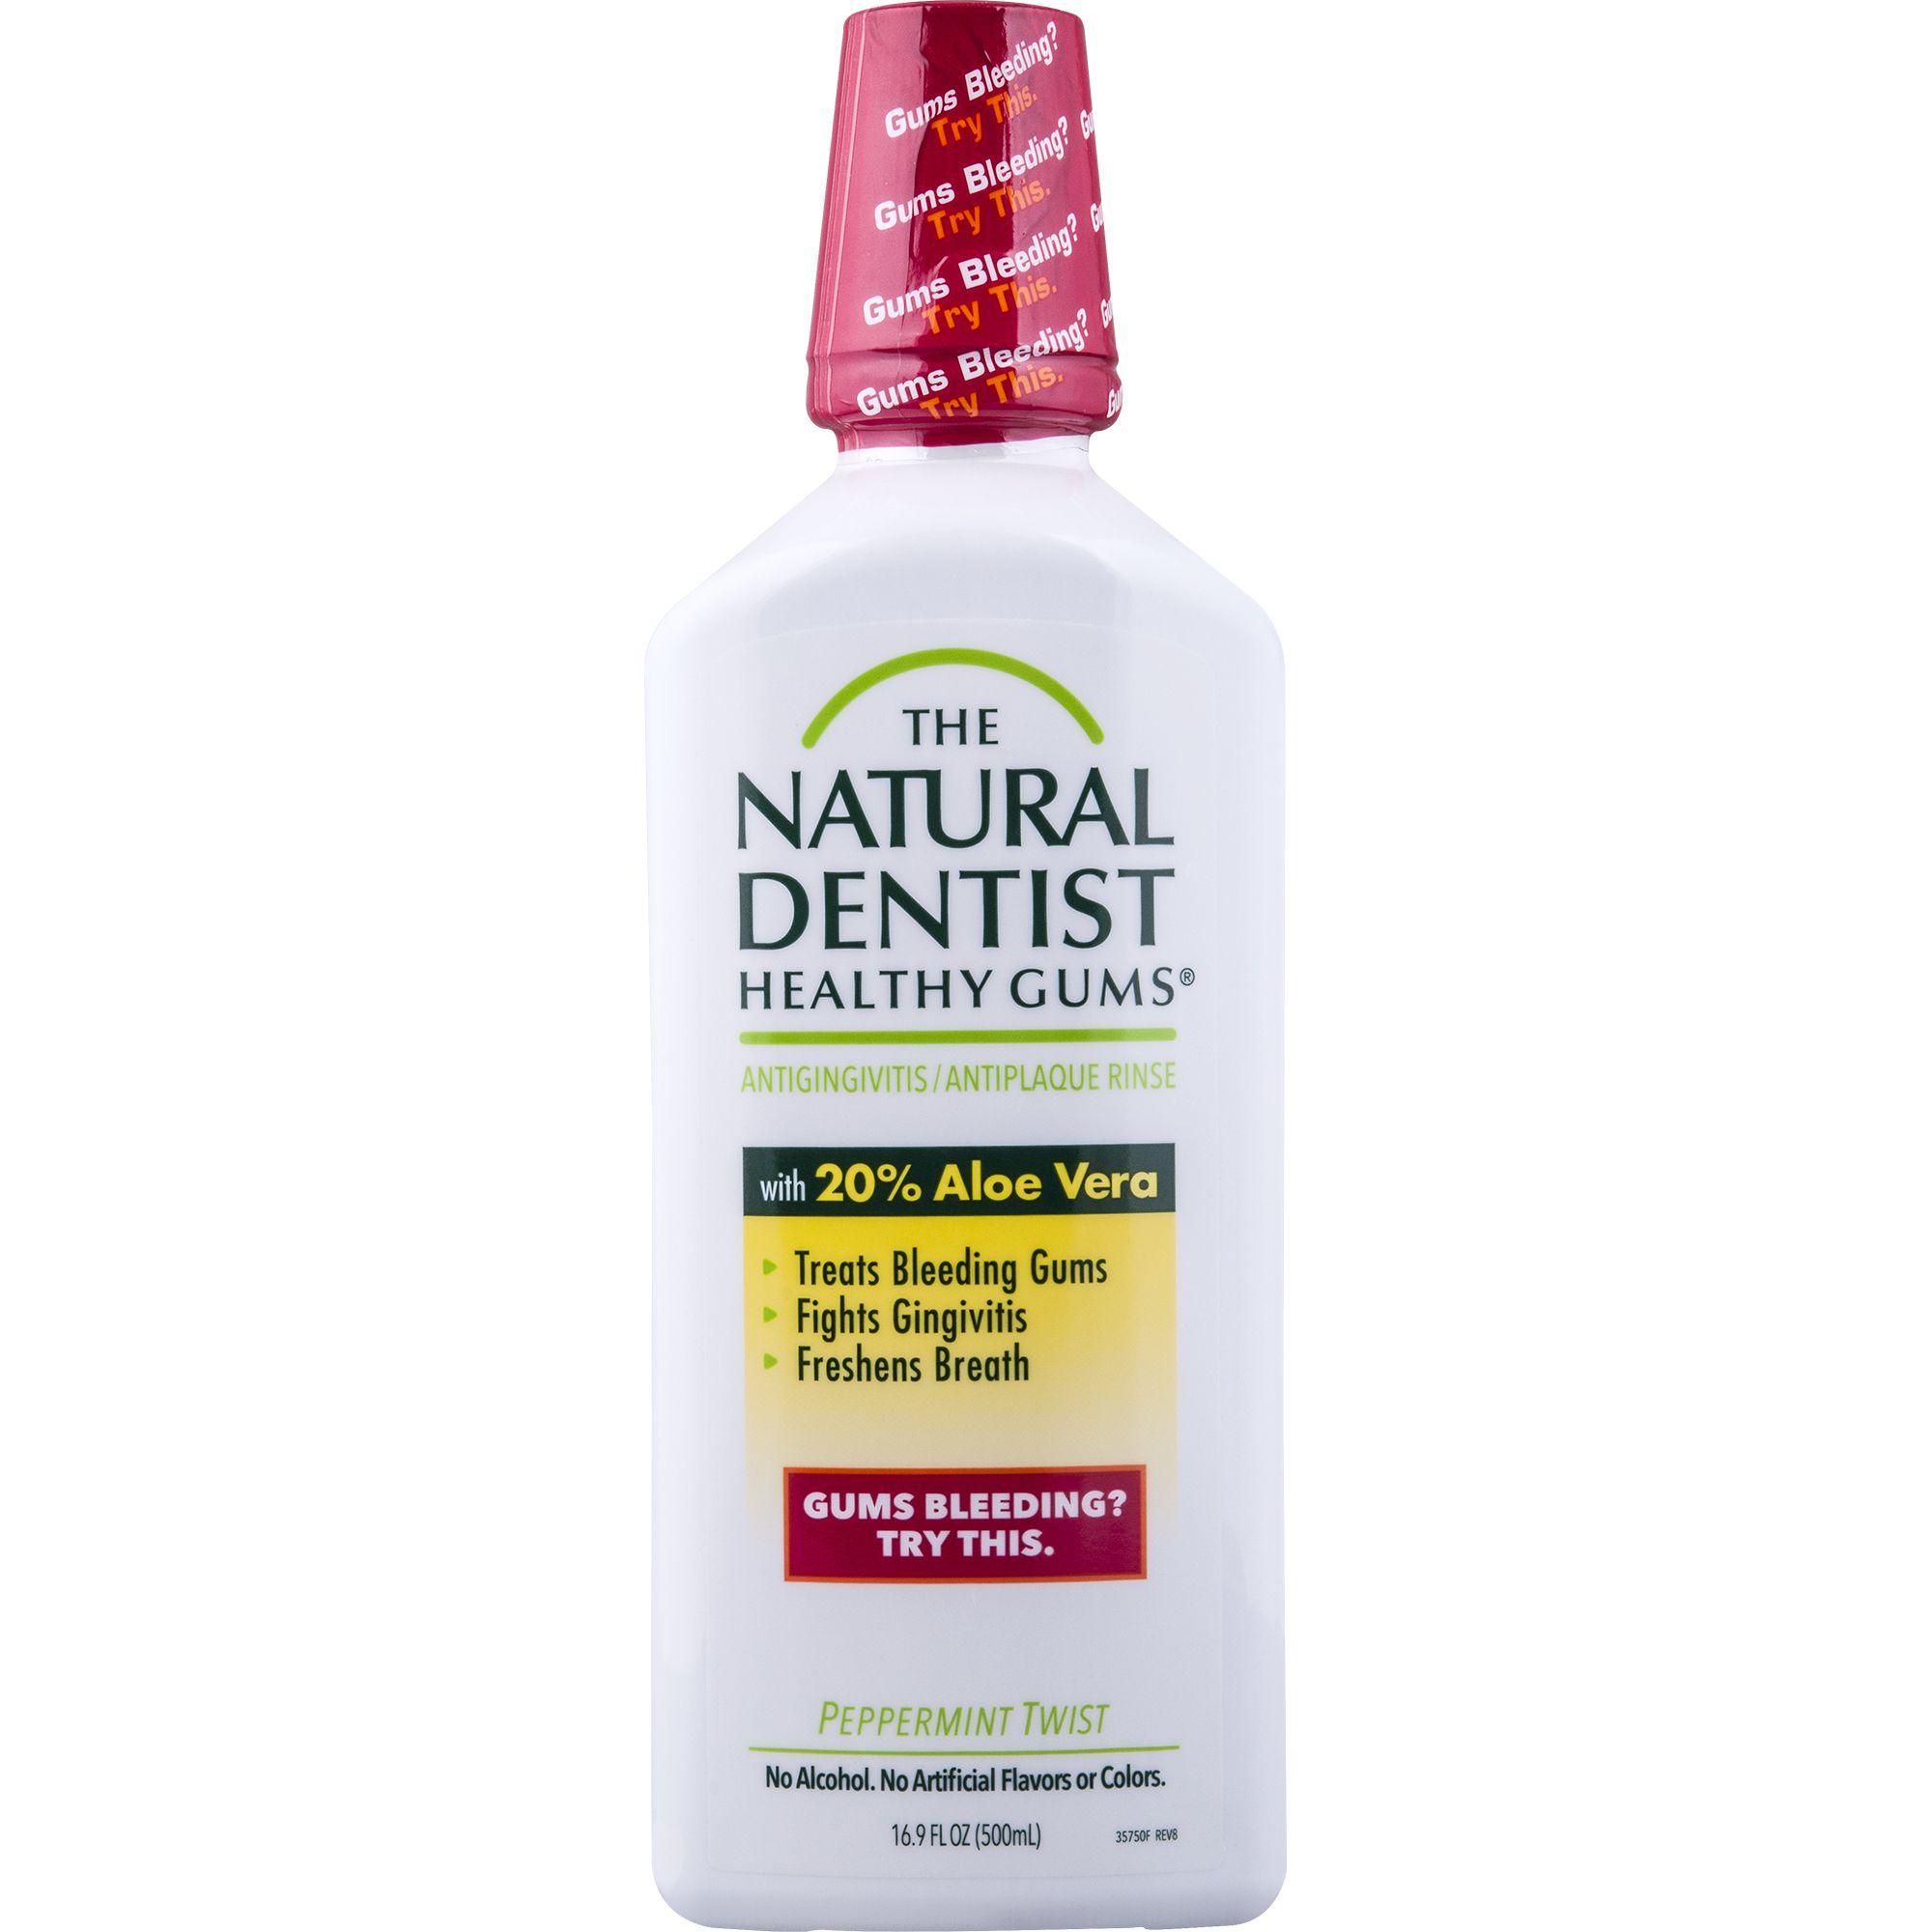 Natural Dentist Healthy Gums Mouthwash